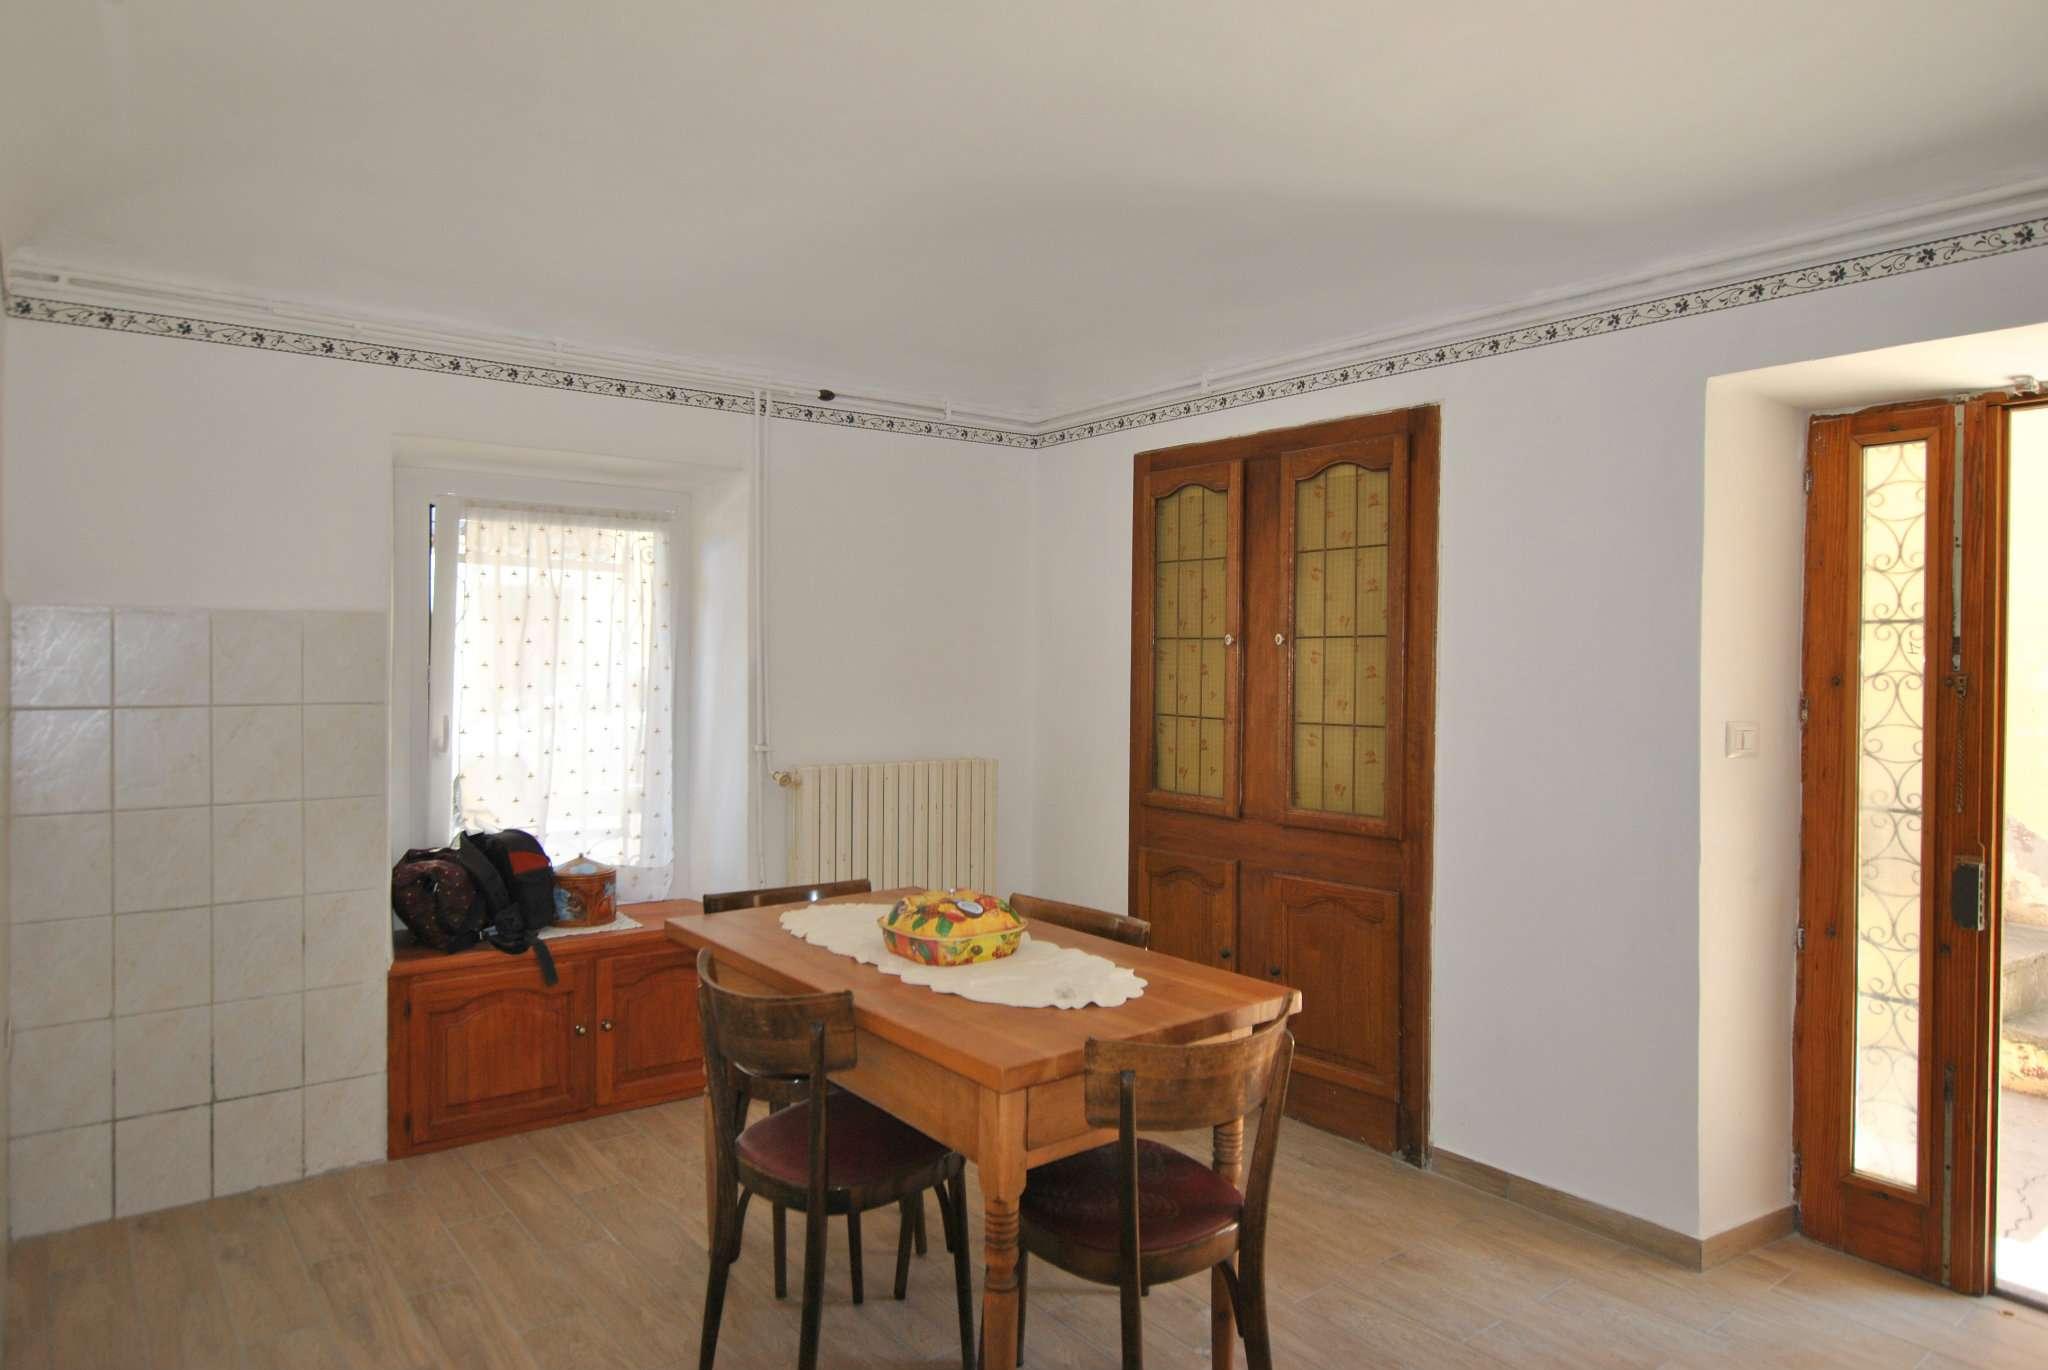 Appartamento in vendita a Vaie, 4 locali, prezzo € 45.000 | CambioCasa.it